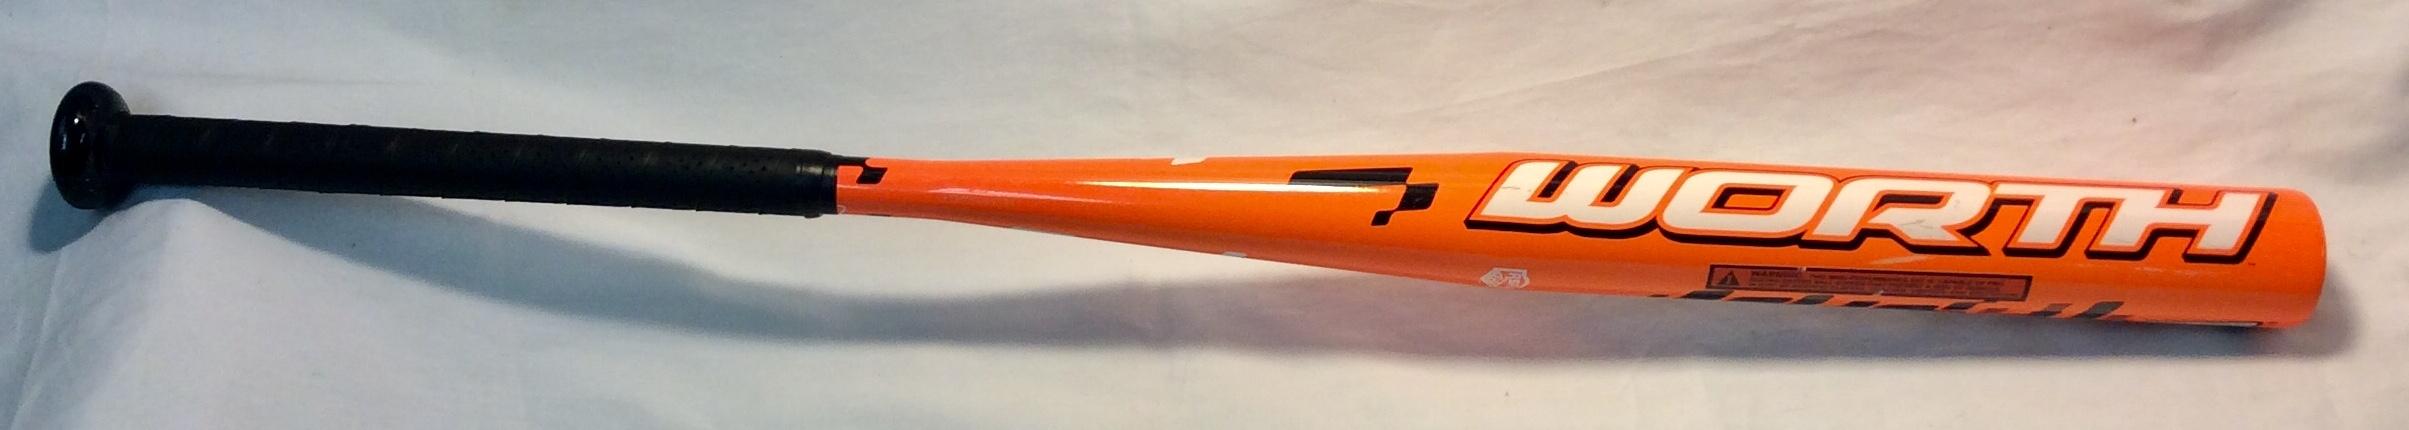 Orange Aluminum Baseball Bats